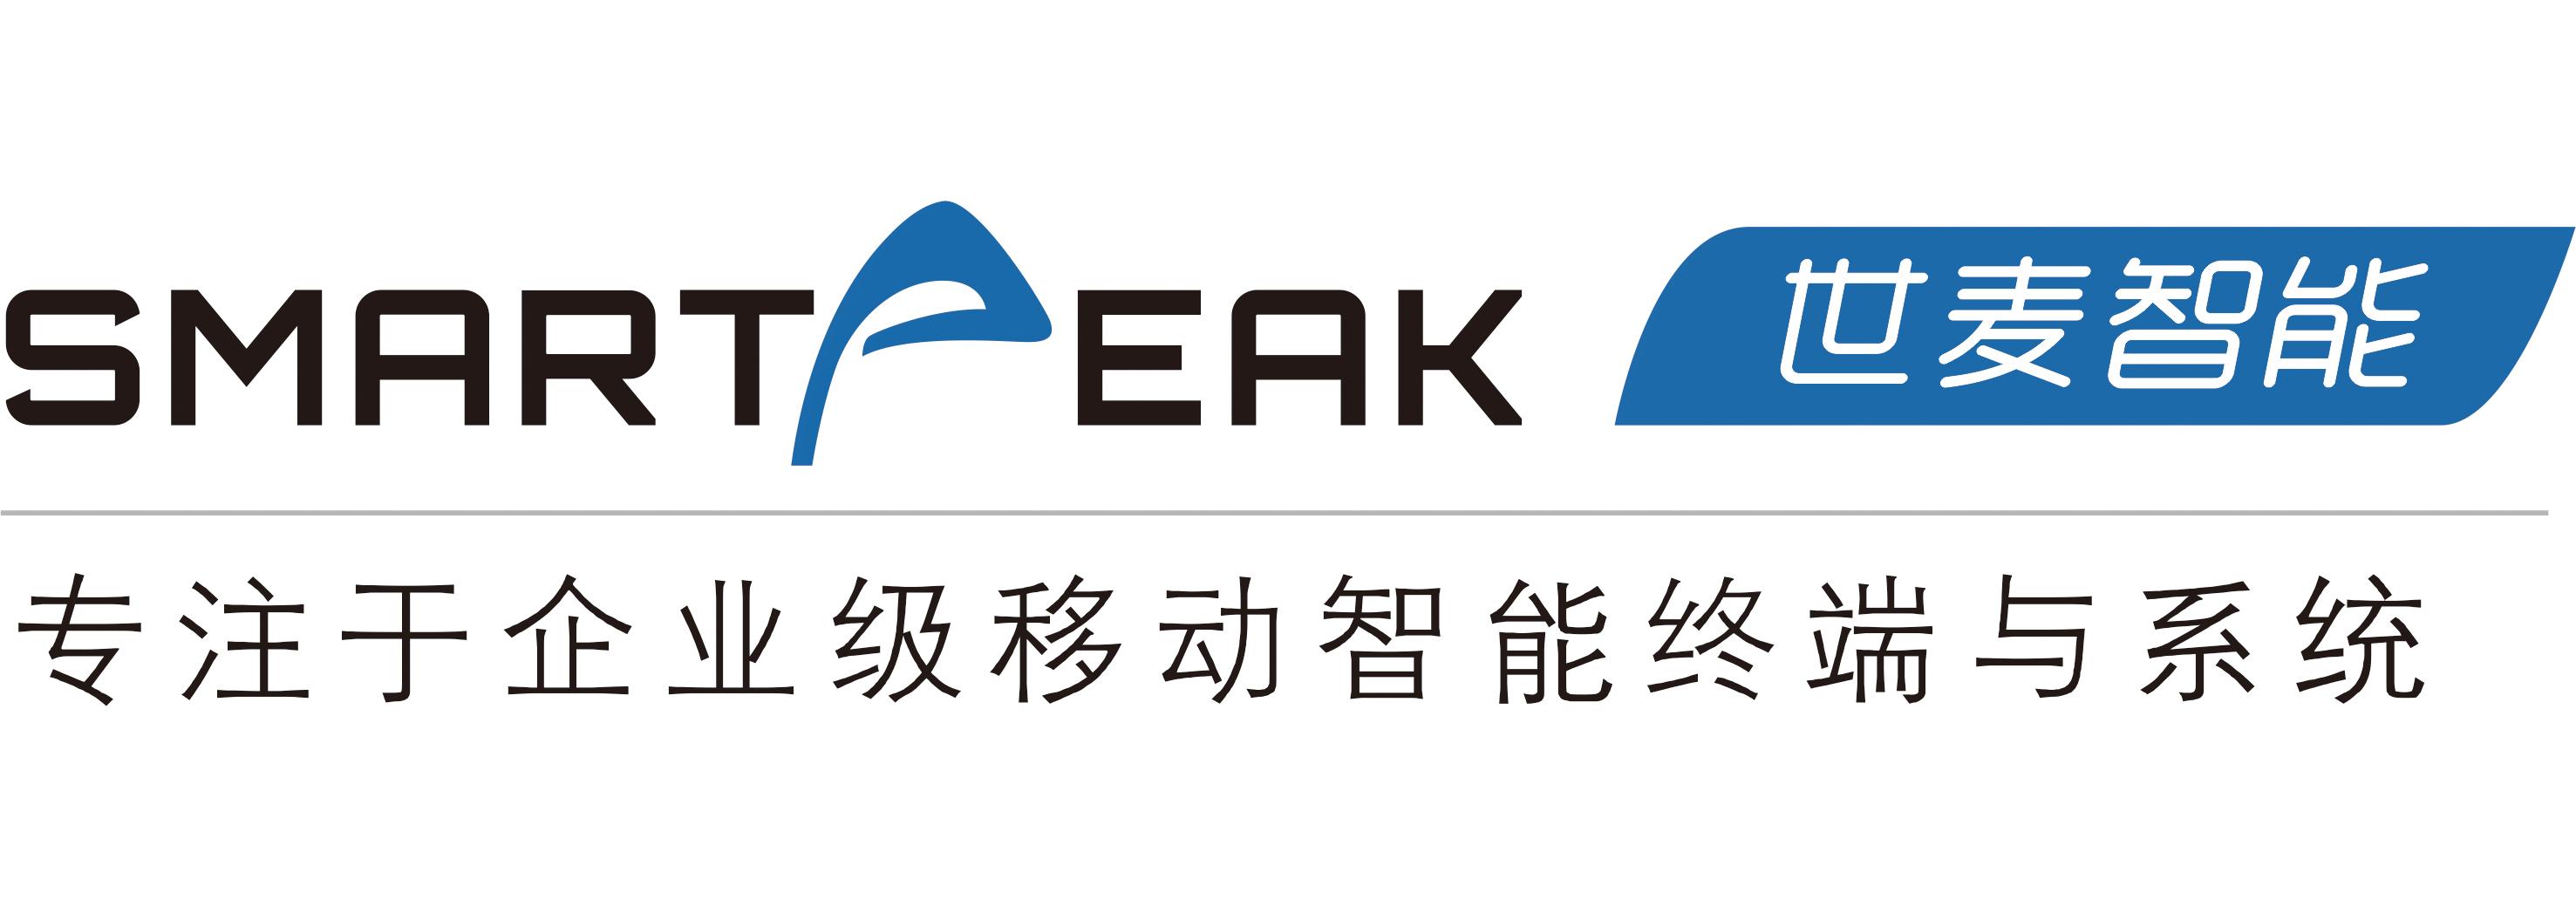 上海世麦智能科技有限公司-深圳物联网展会